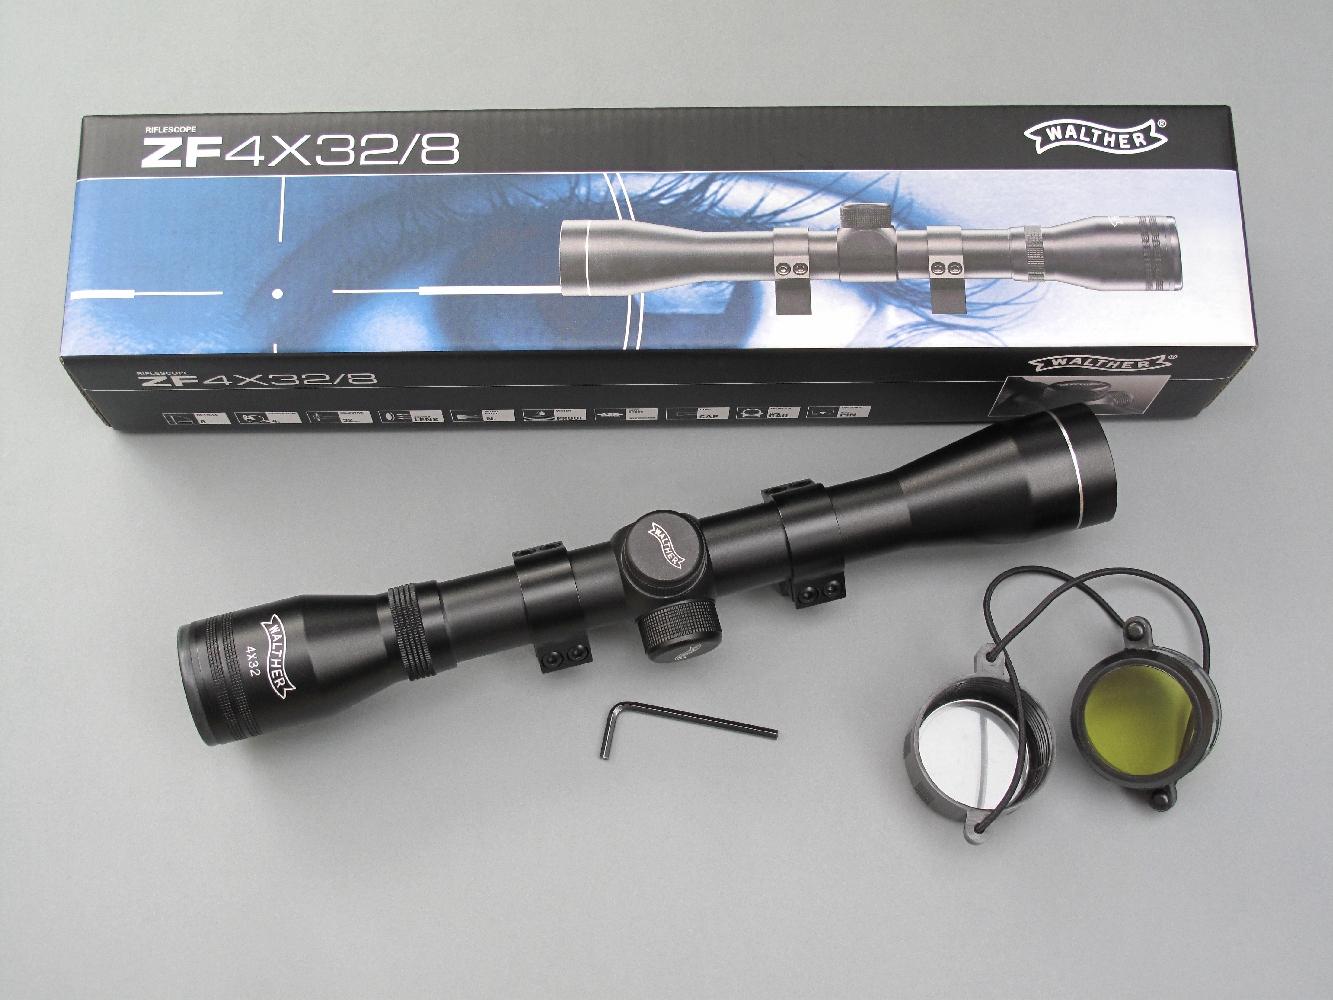 Un vaste choix de modèles s'offre à tout possesseur d'une carabine de calibre .22 Long Rifle, qu'il s'agisse de lunettes grossissantes ou, comme ici, d'un viseur reflex installé grâce à un adaptateur de rail (11 mm/Picatinny).